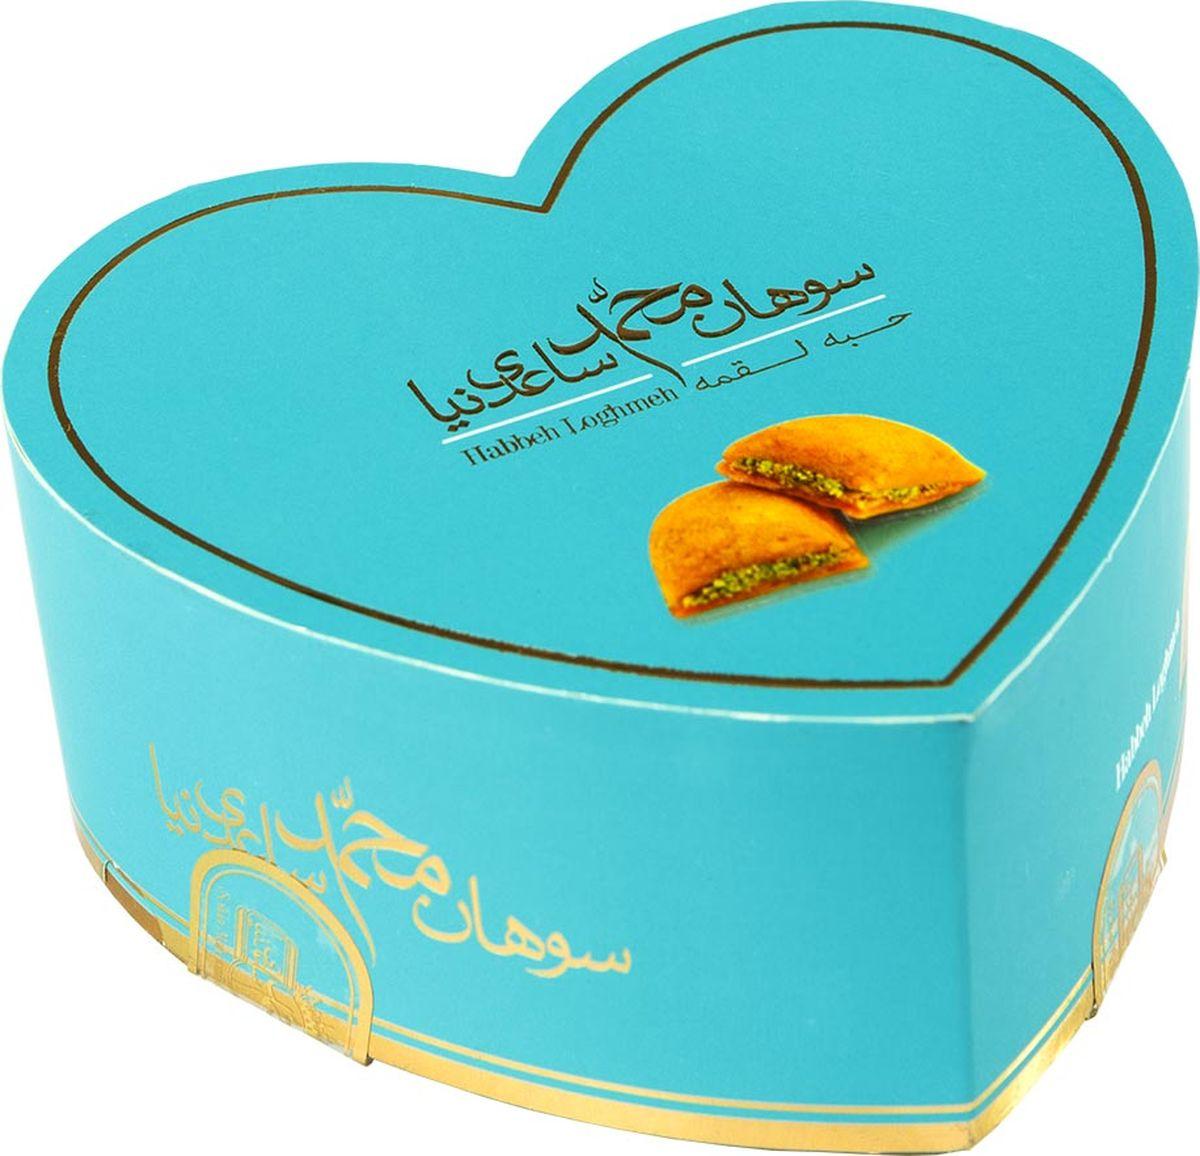 Sohan хаббе иранская сладость, 259 г6260008902066Сохан хаббе – это необыкновенное лакомство из Ирана. Одну из самых необычных восточных сладостей изготавливают из пророщенной пшеницы, ядрышек миндаля и фисташек и эссенции с нежным цветочным ароматом. Благодаря такому оригинальному сочетанию вкус иранской халвы получается просто удивительным и аналогов этому десерту нет.